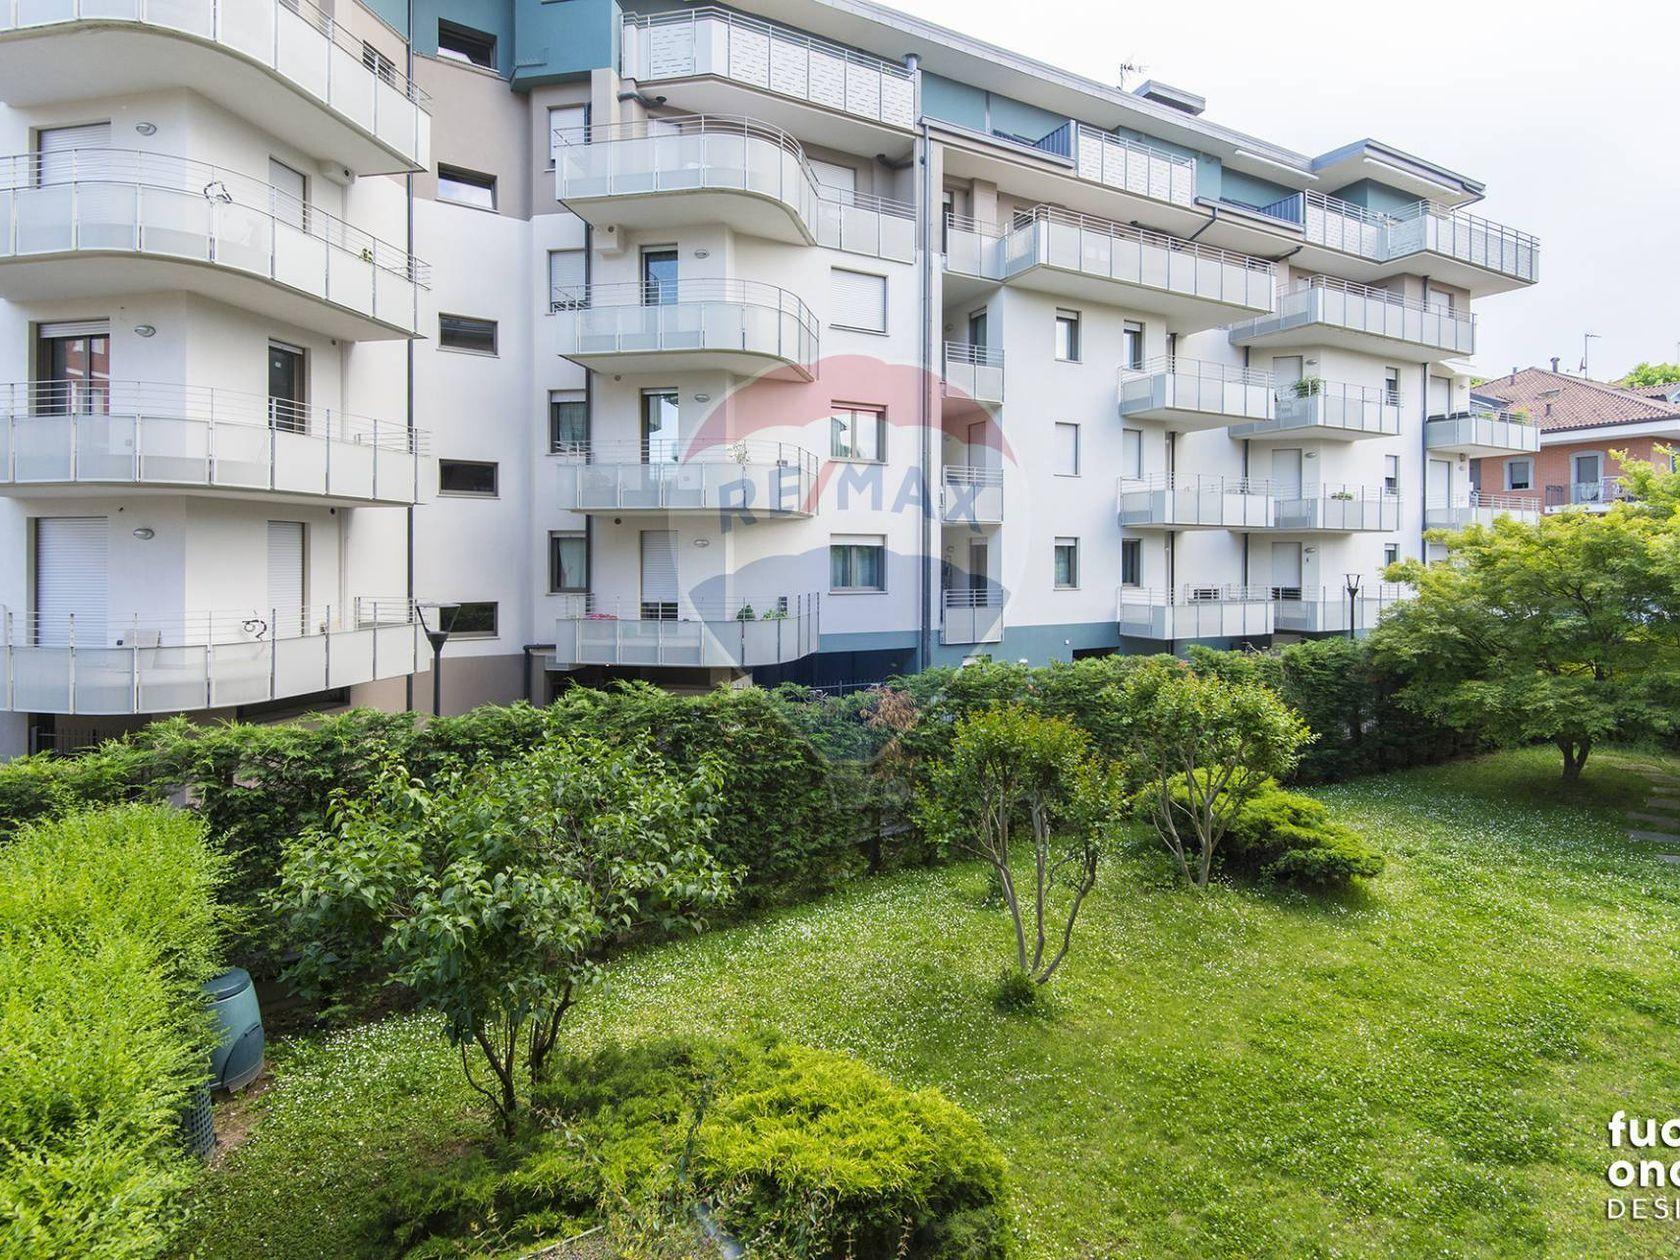 Appartamento Chieri, TO Vendita - Foto 24